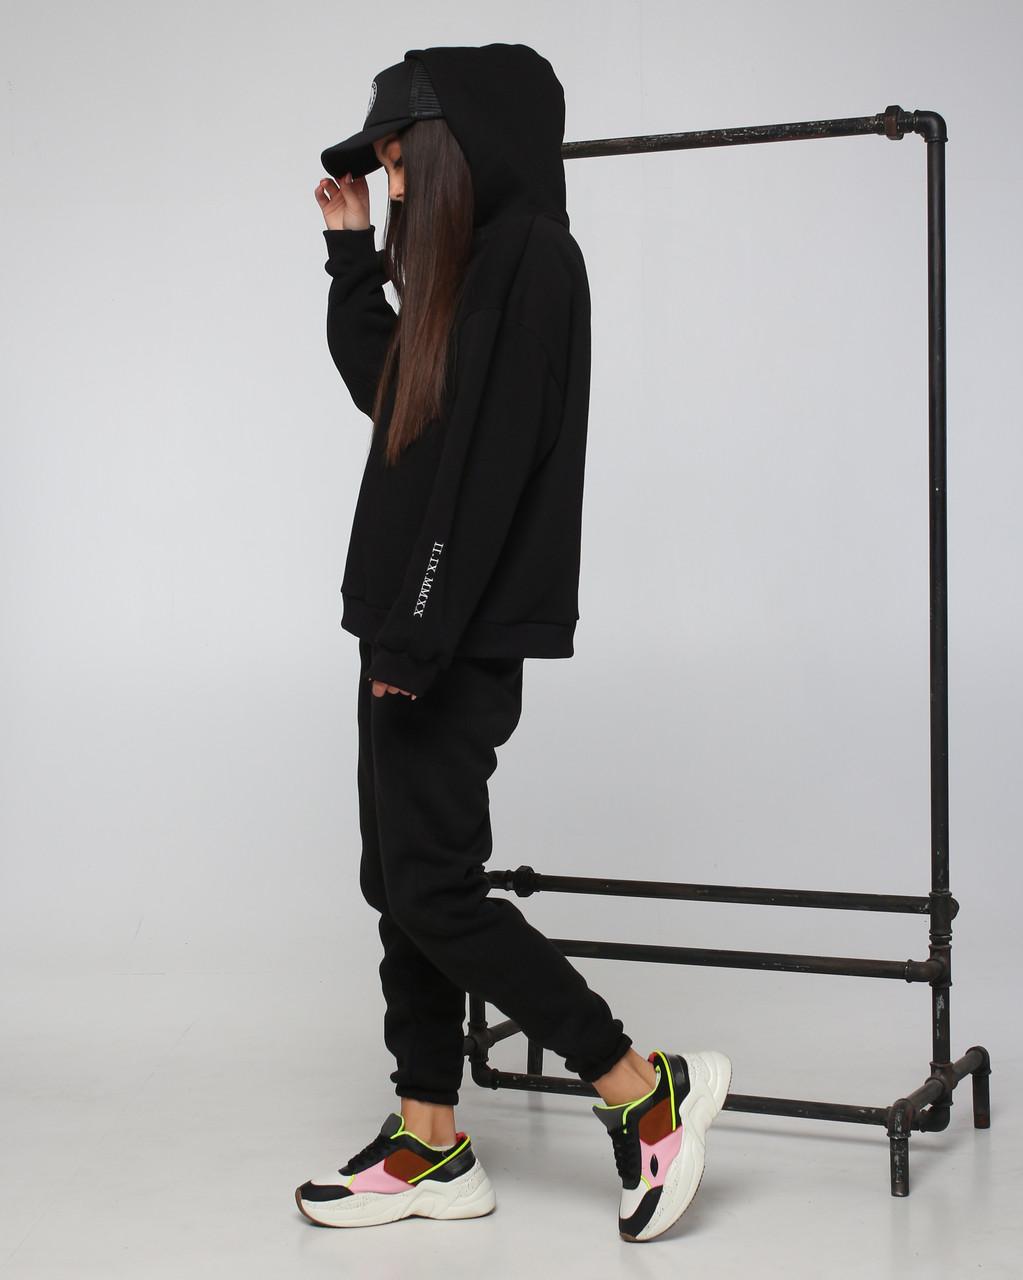 Спортивный костюм женский  чёрный на флисе сезон зима Философия от бренда Тур, размеры: S,M